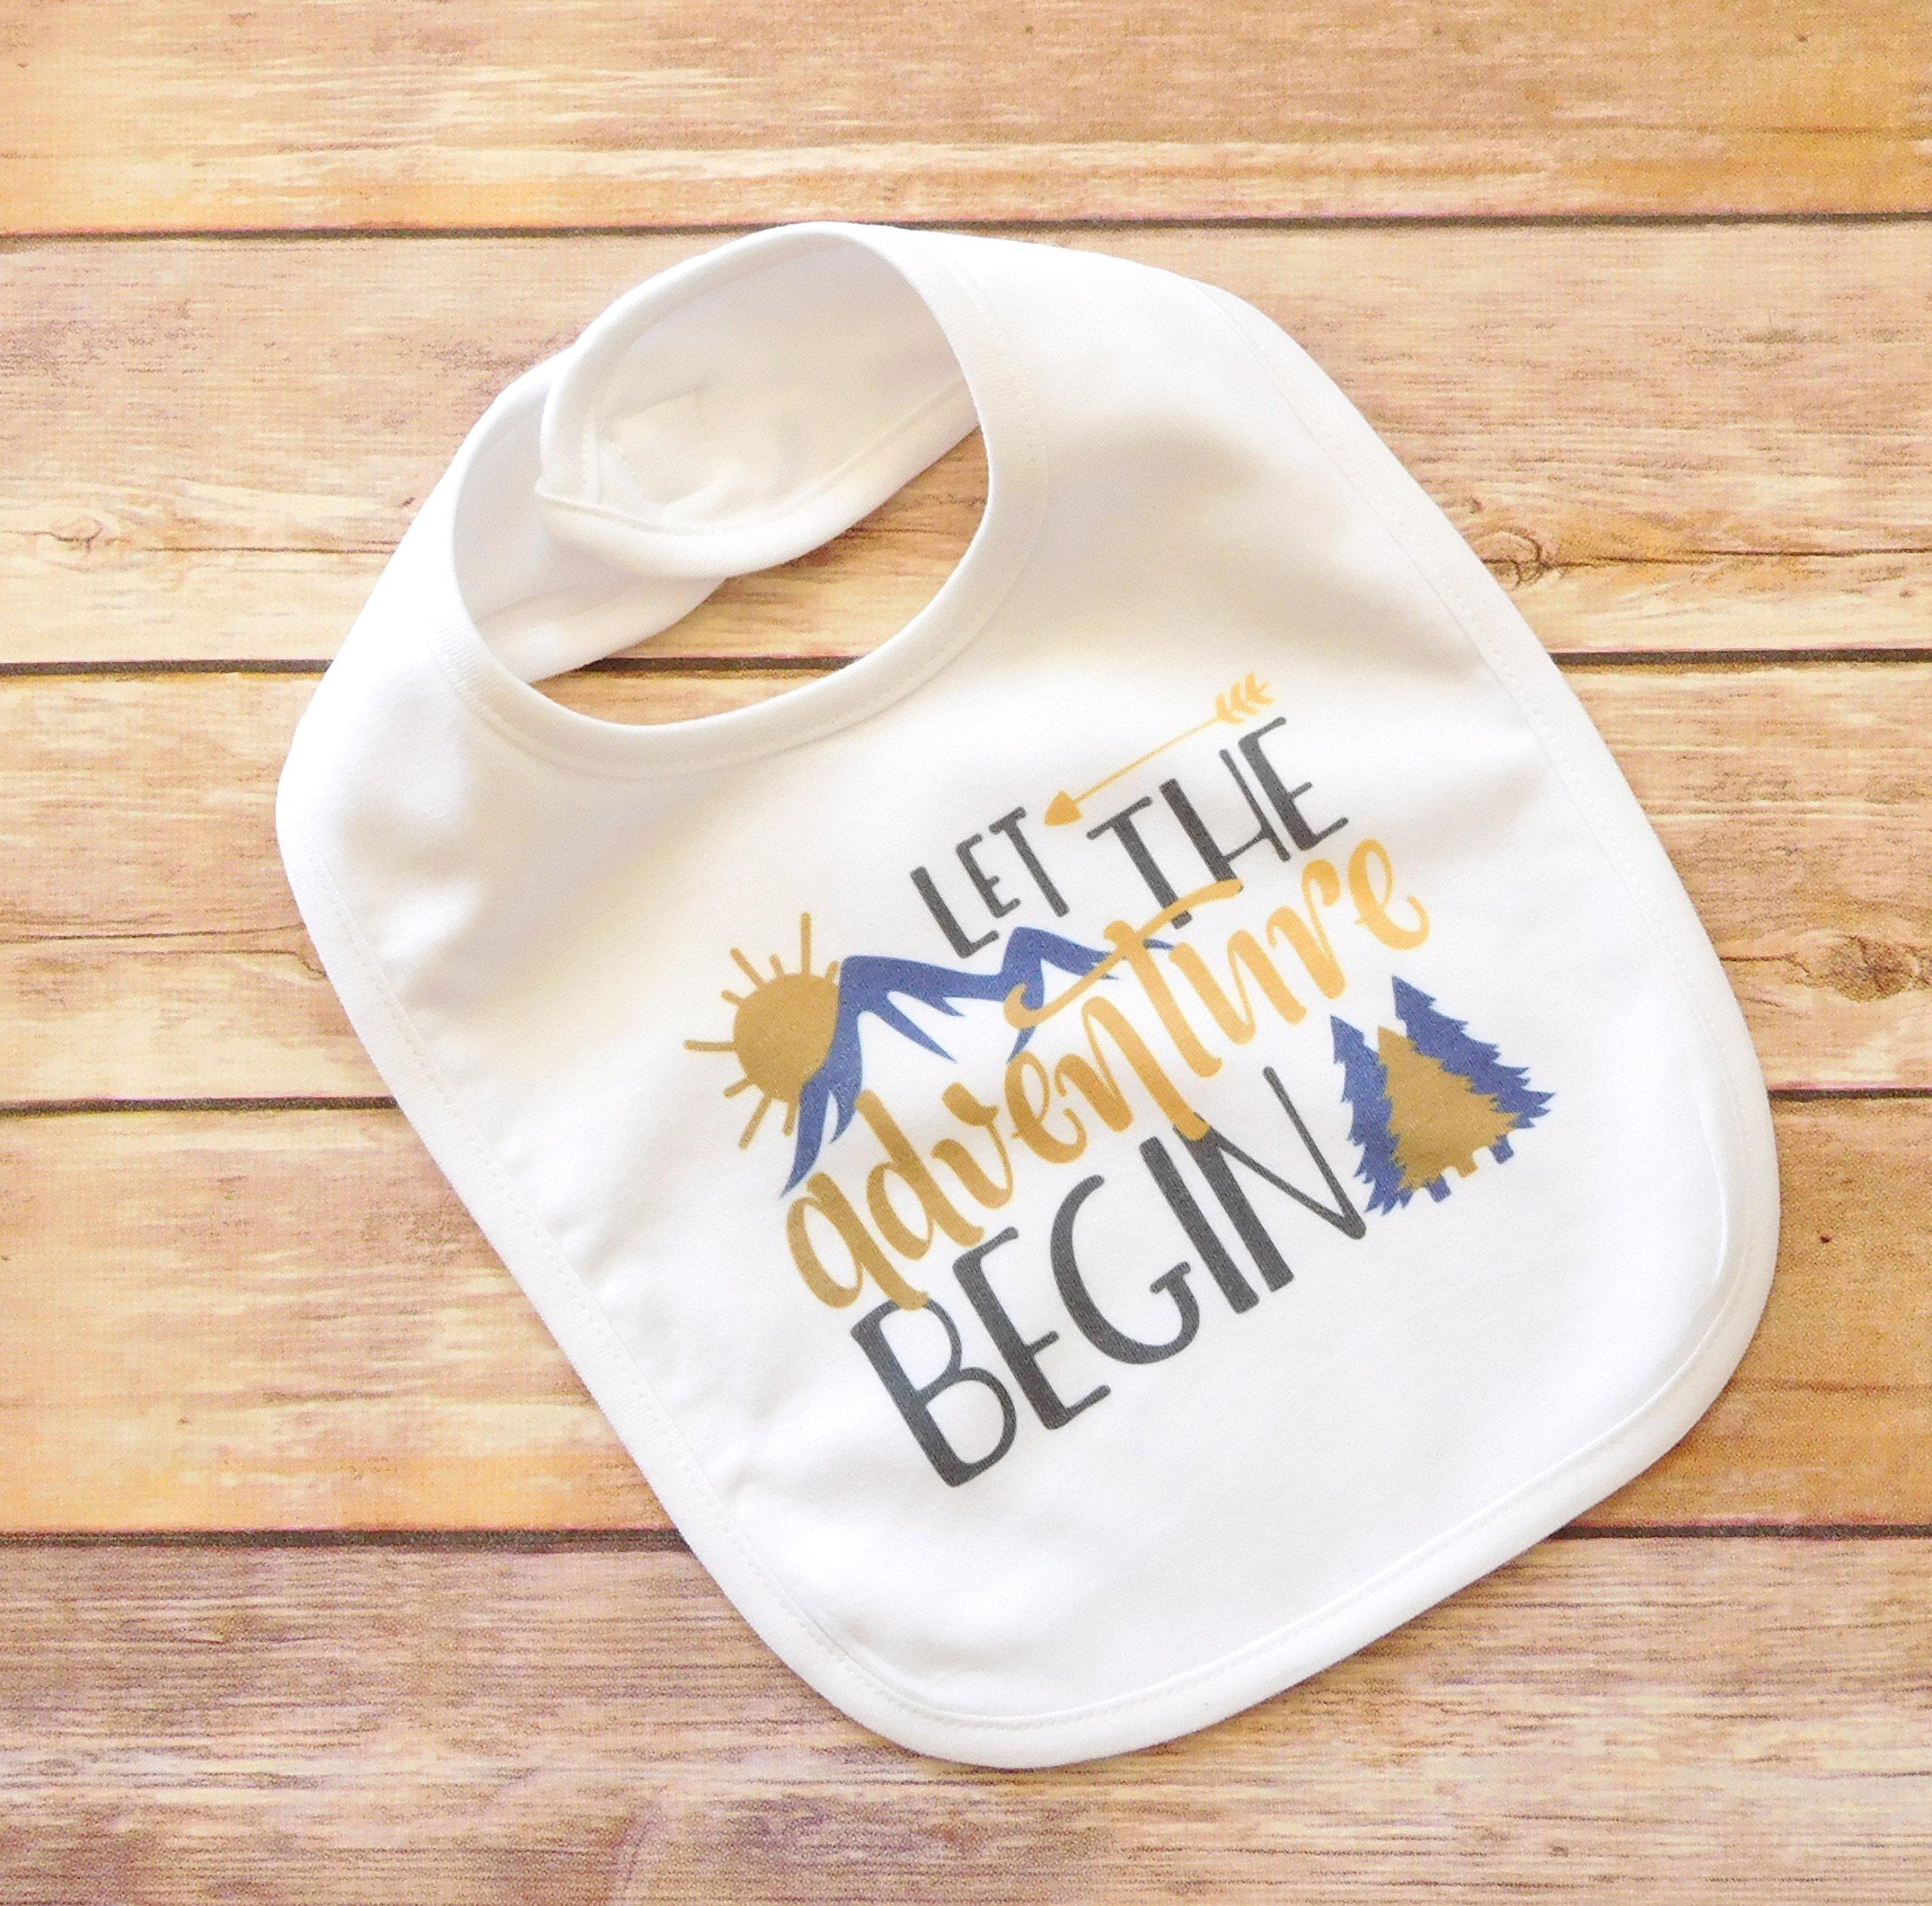 Baby Bib - Let the Adventure Begin - Colorado Moutains